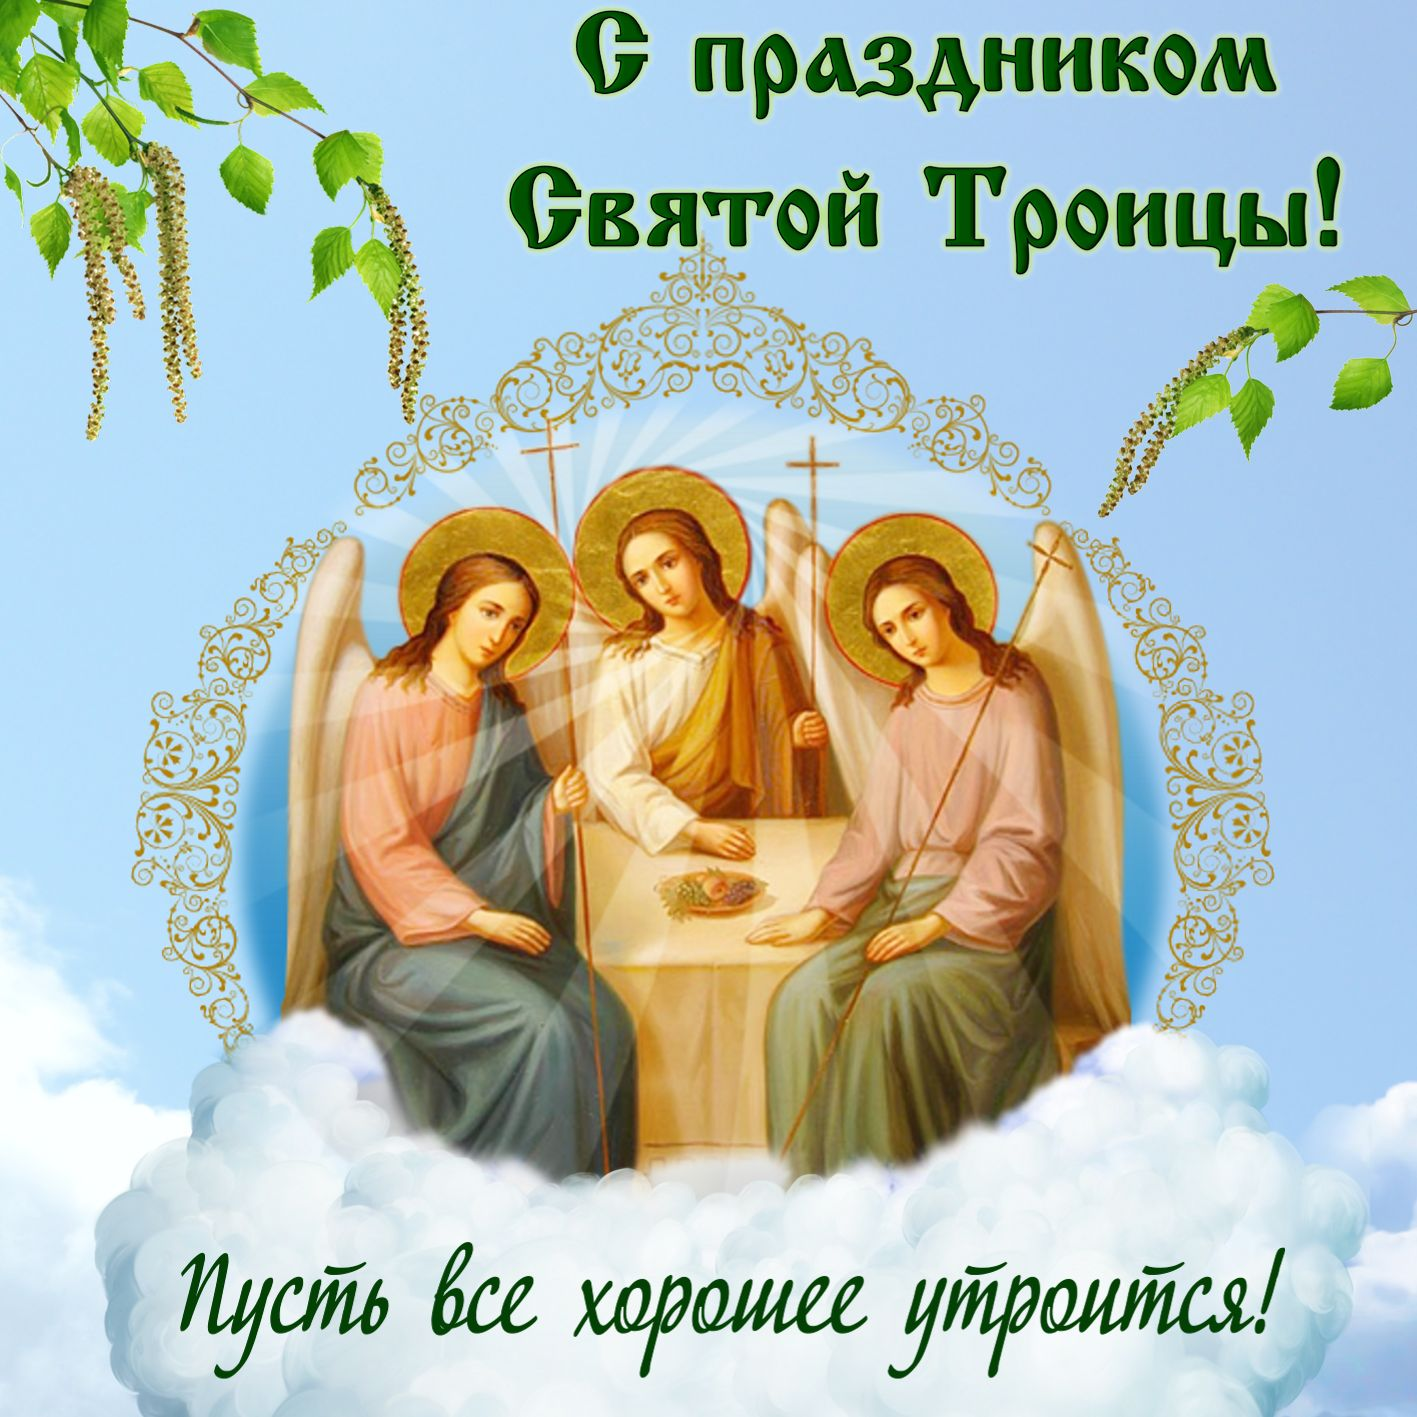 Фотографии изображениями, красивая картинка с троицей